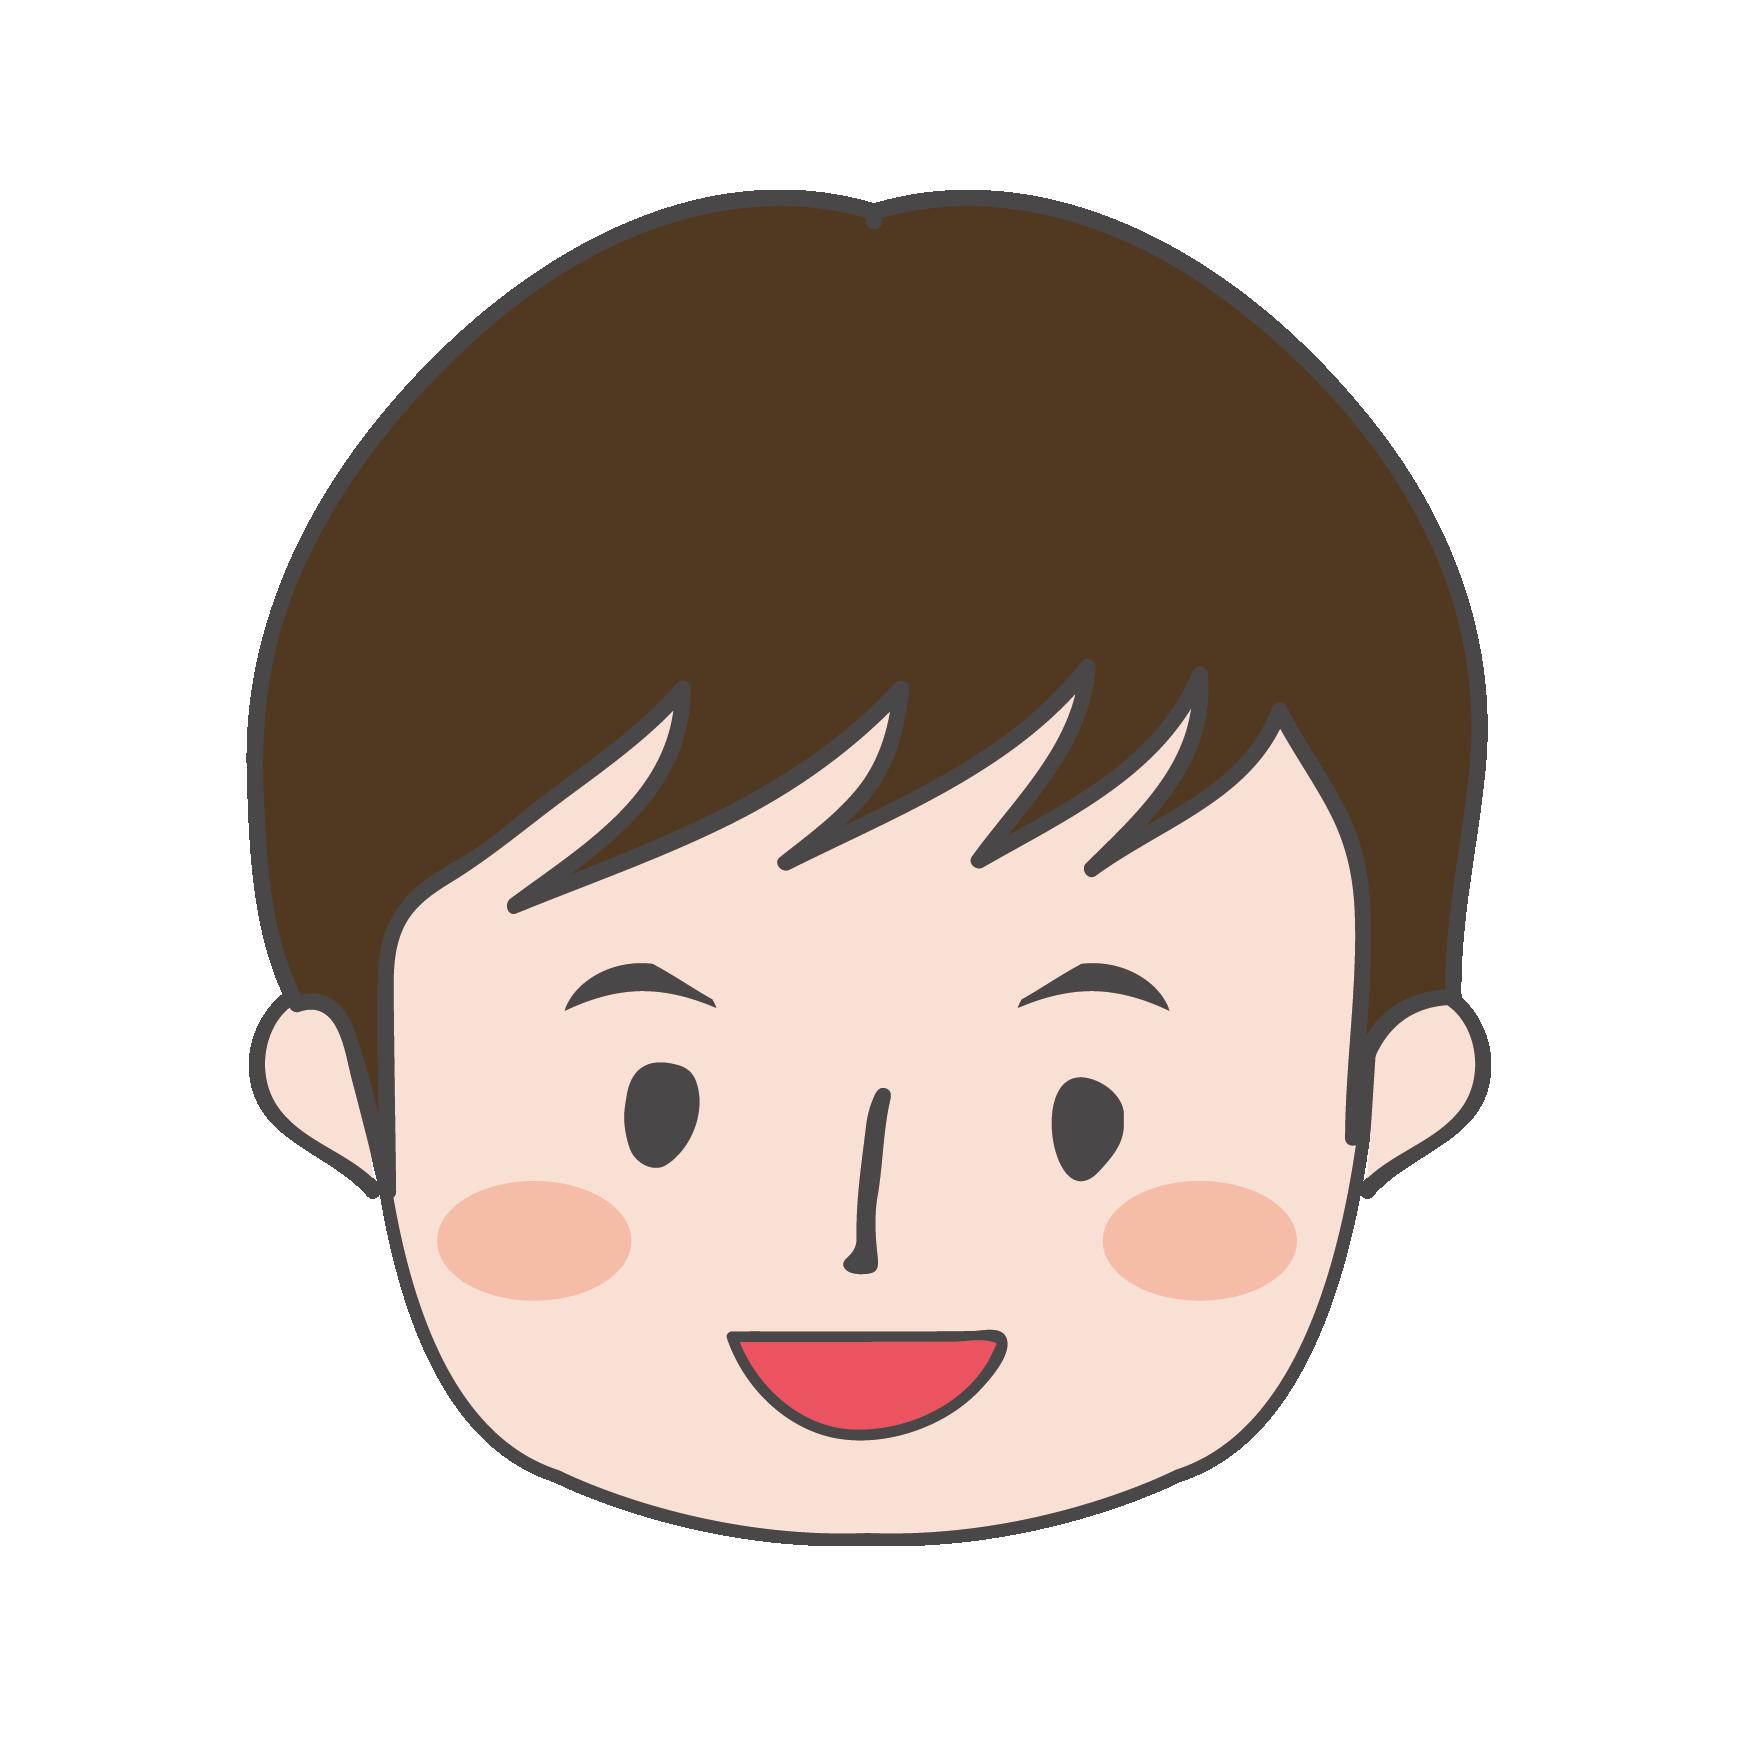 小さな男の子 イラスト【顔のアップ】   商用フリー(無料)のイラスト